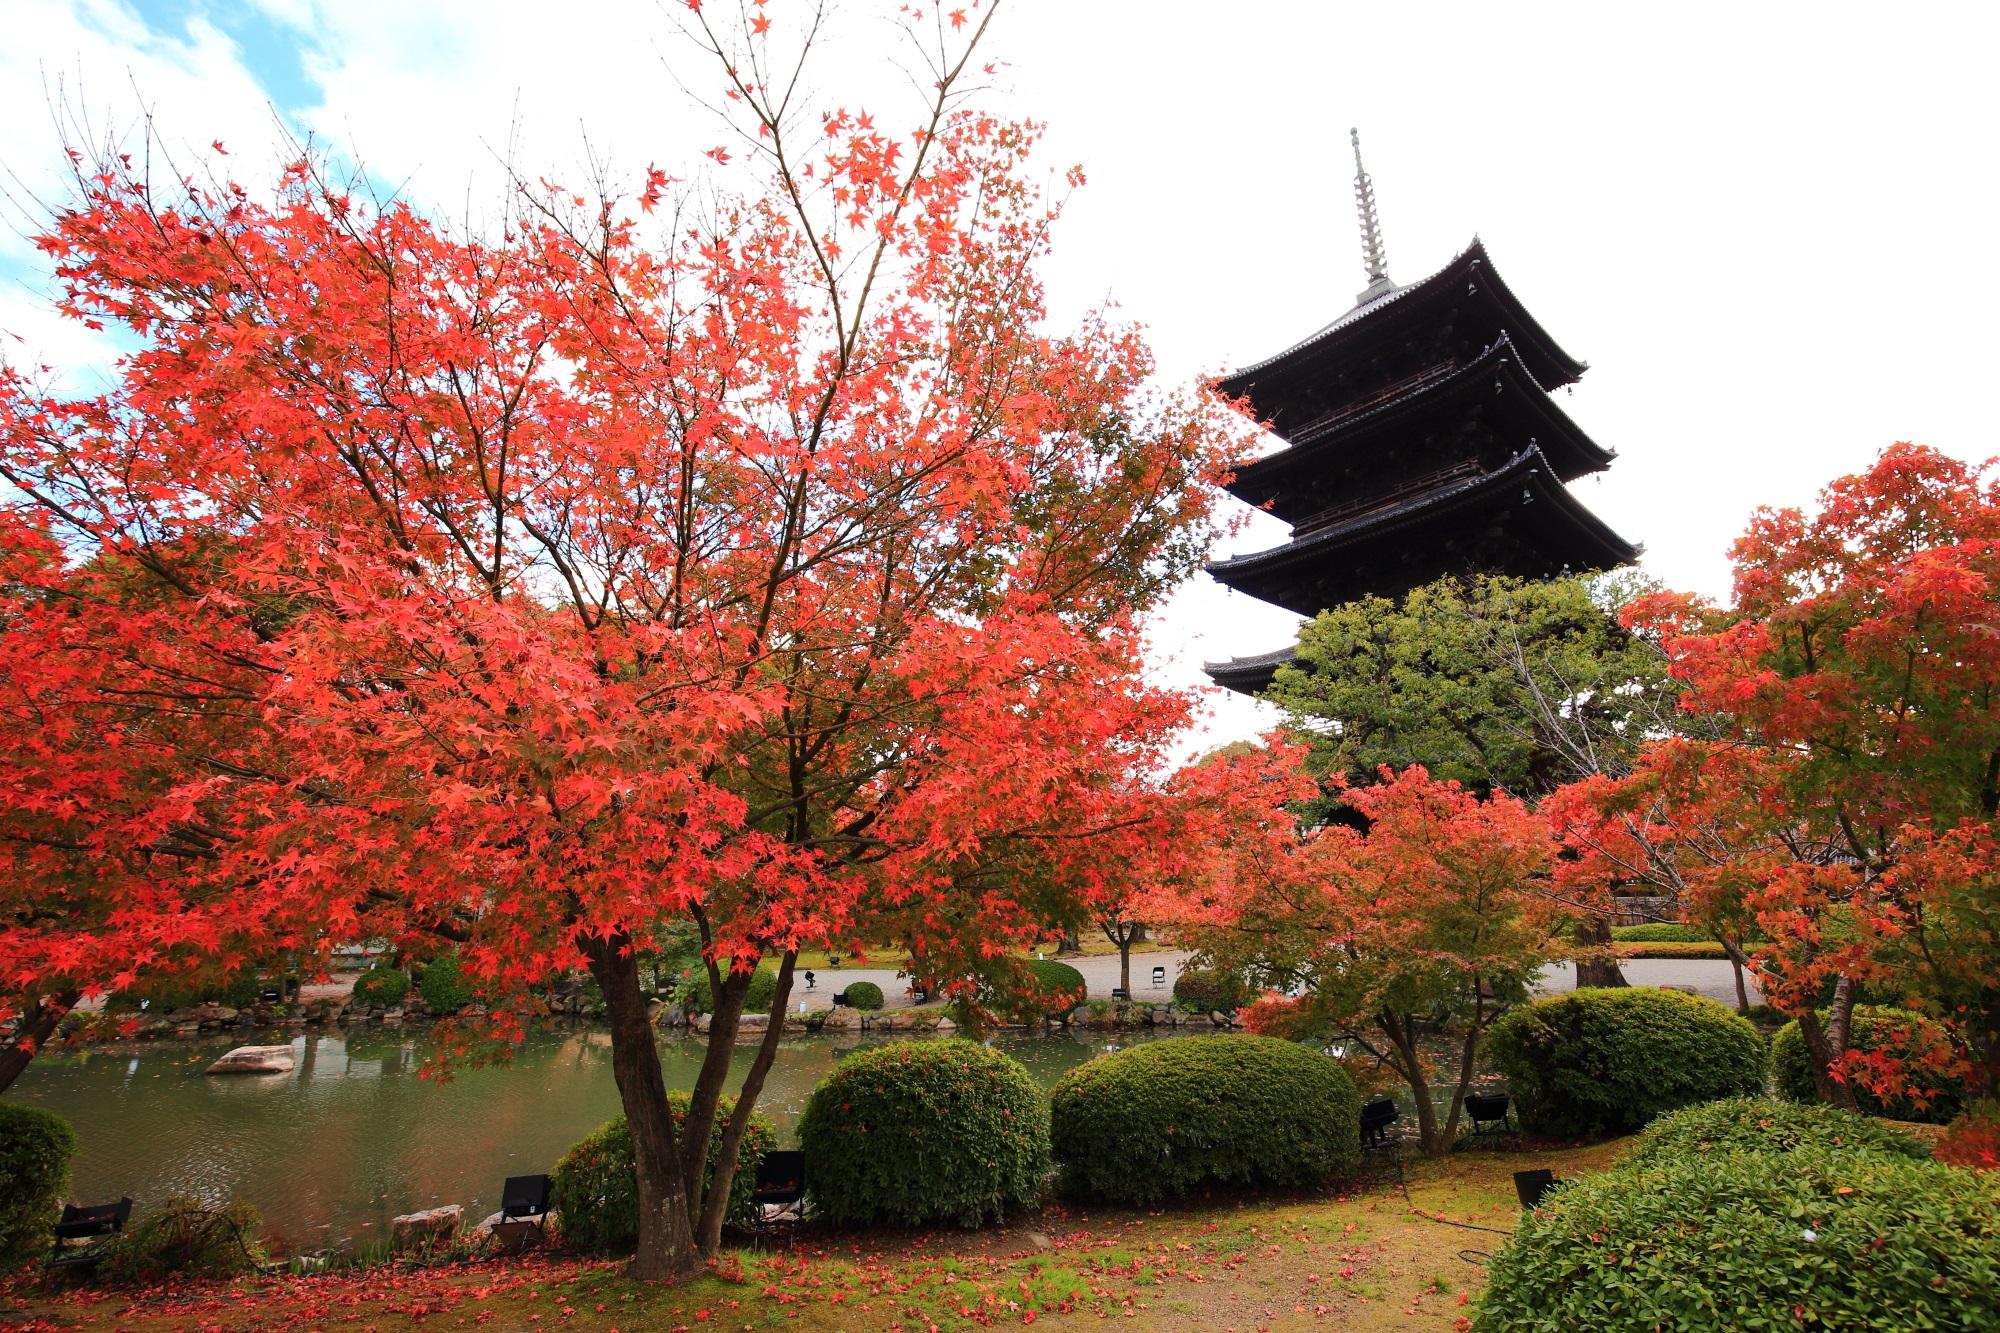 教王護国寺(東寺)の五重塔と見ごろの綺麗な紅葉